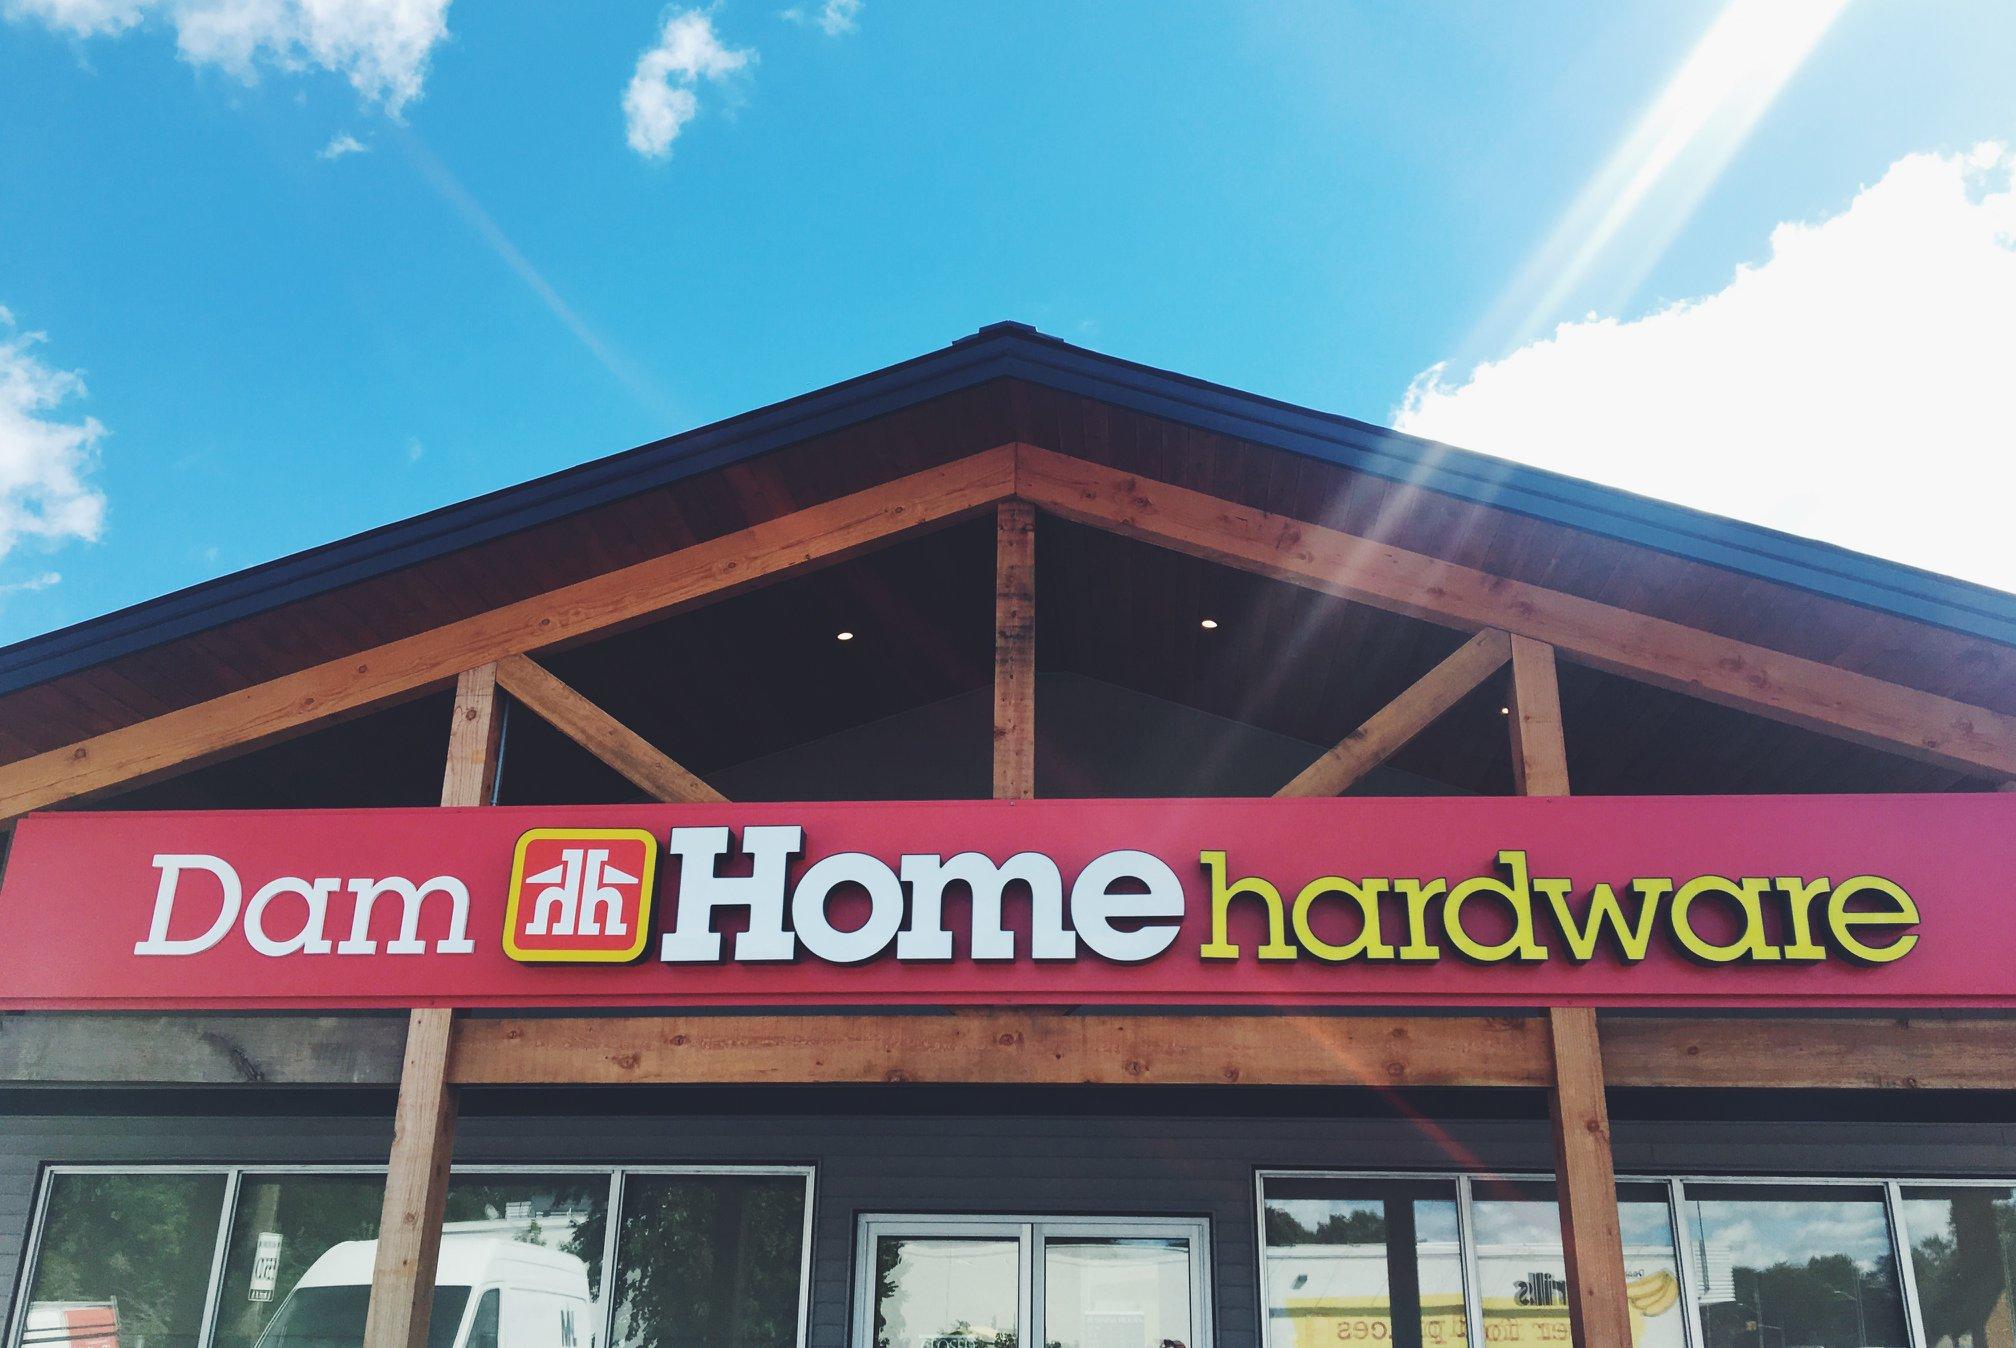 Dam Home Hardware opened in September 2018.